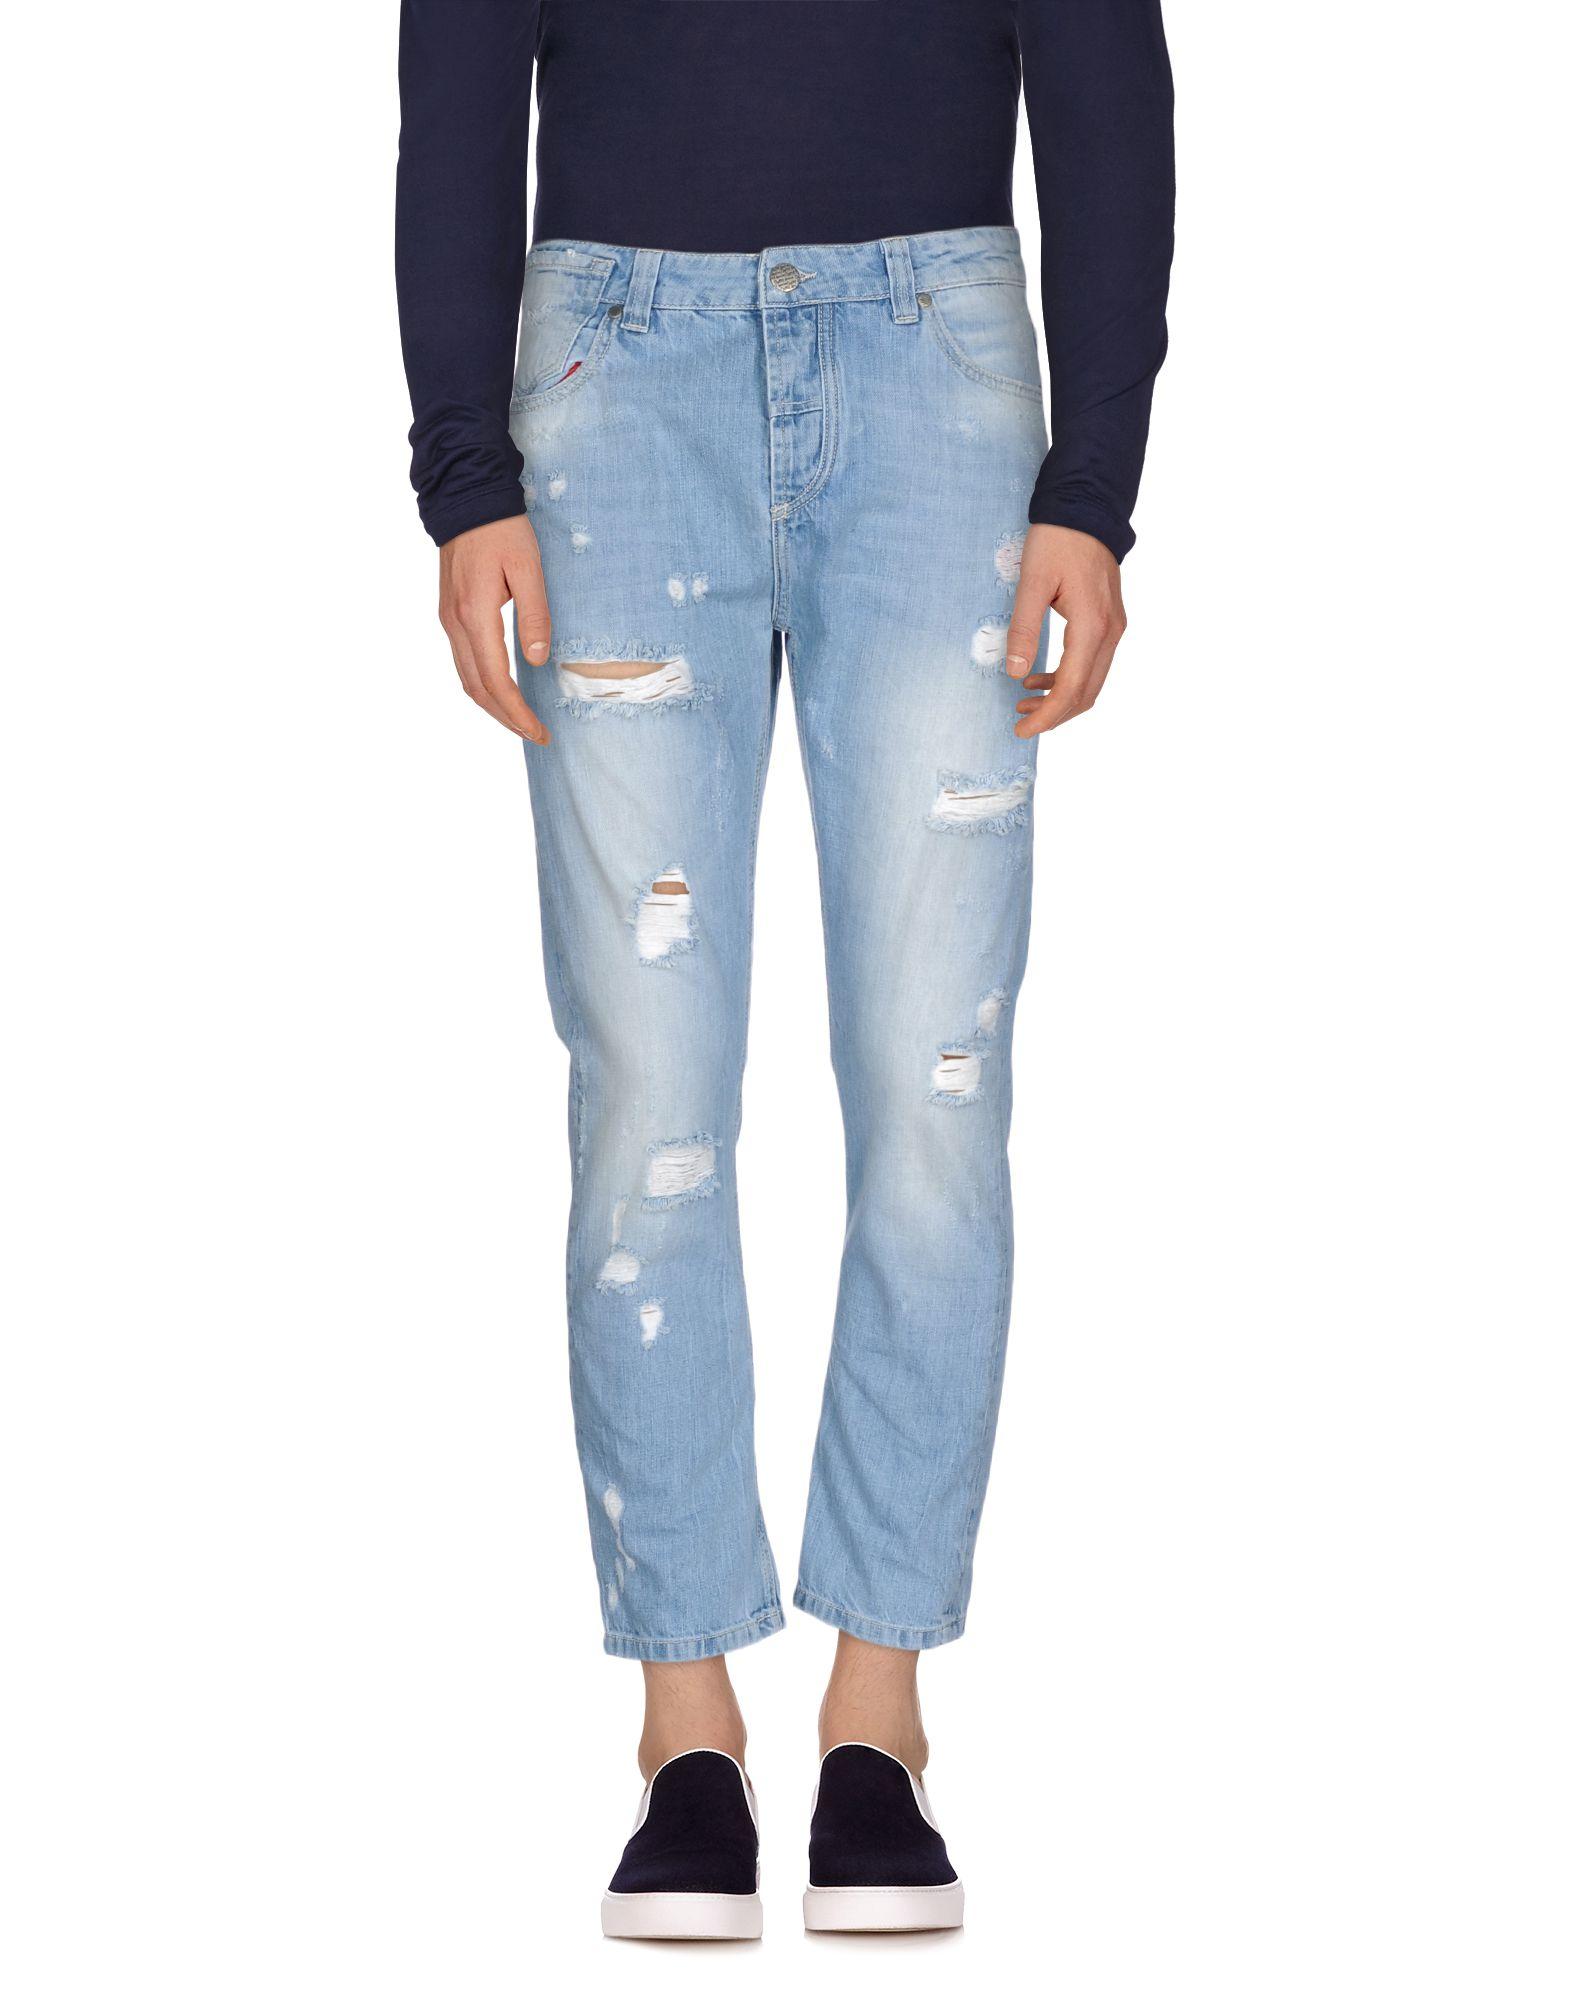 #OUTFIT Джинсовые брюки newborn baby boy girl infant warm cotton outfit jumpsuit romper bodysuit clothes